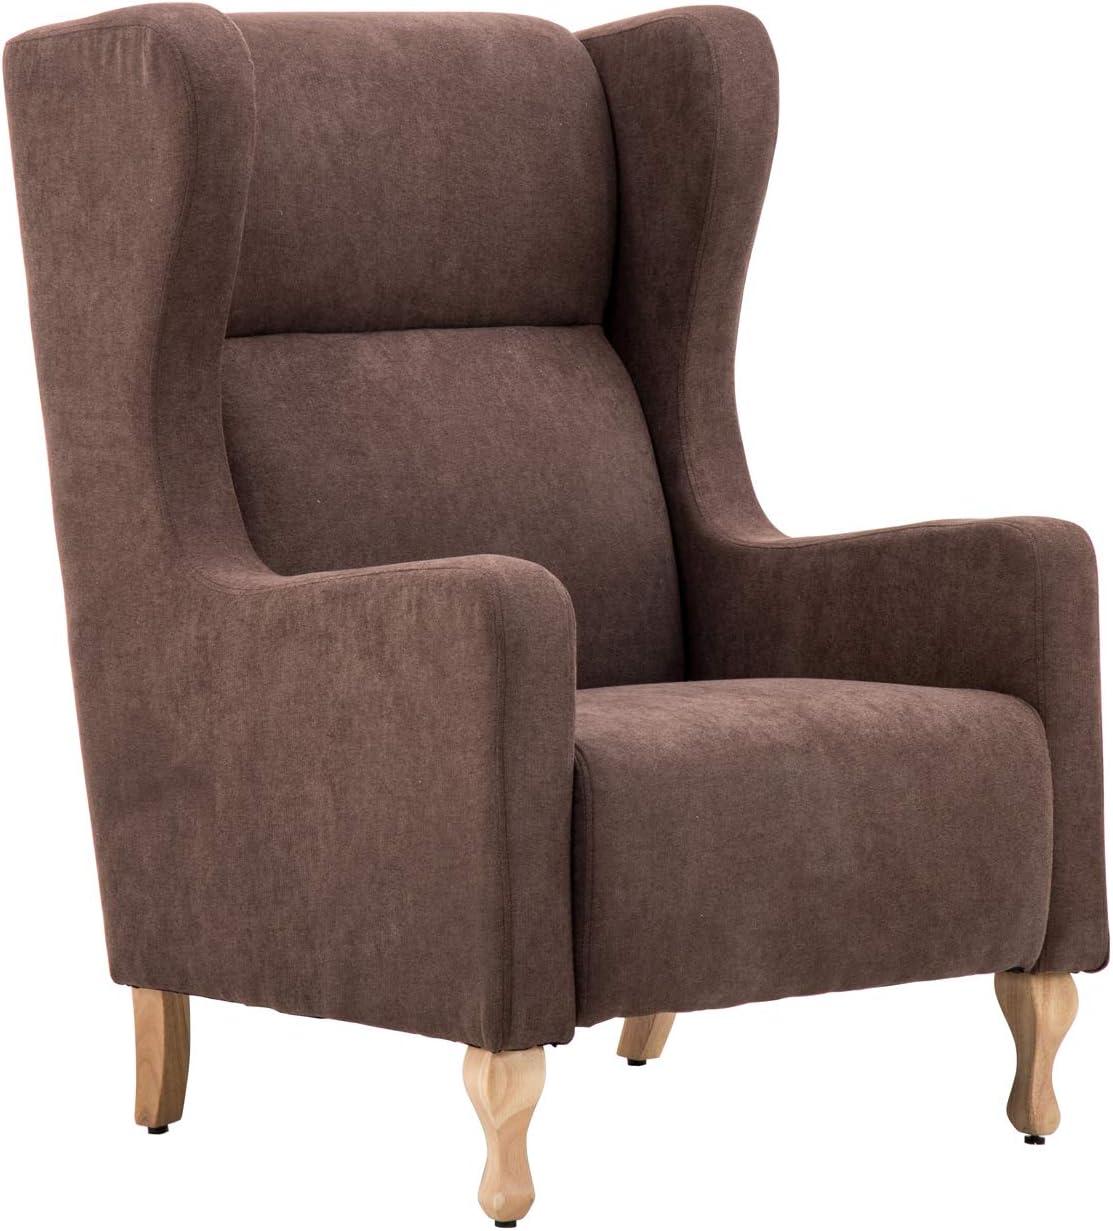 metallo robusto e gambe in legno Design retr/ò poltrona poltrona sedia a dondolo tessuti di velluto,Blue